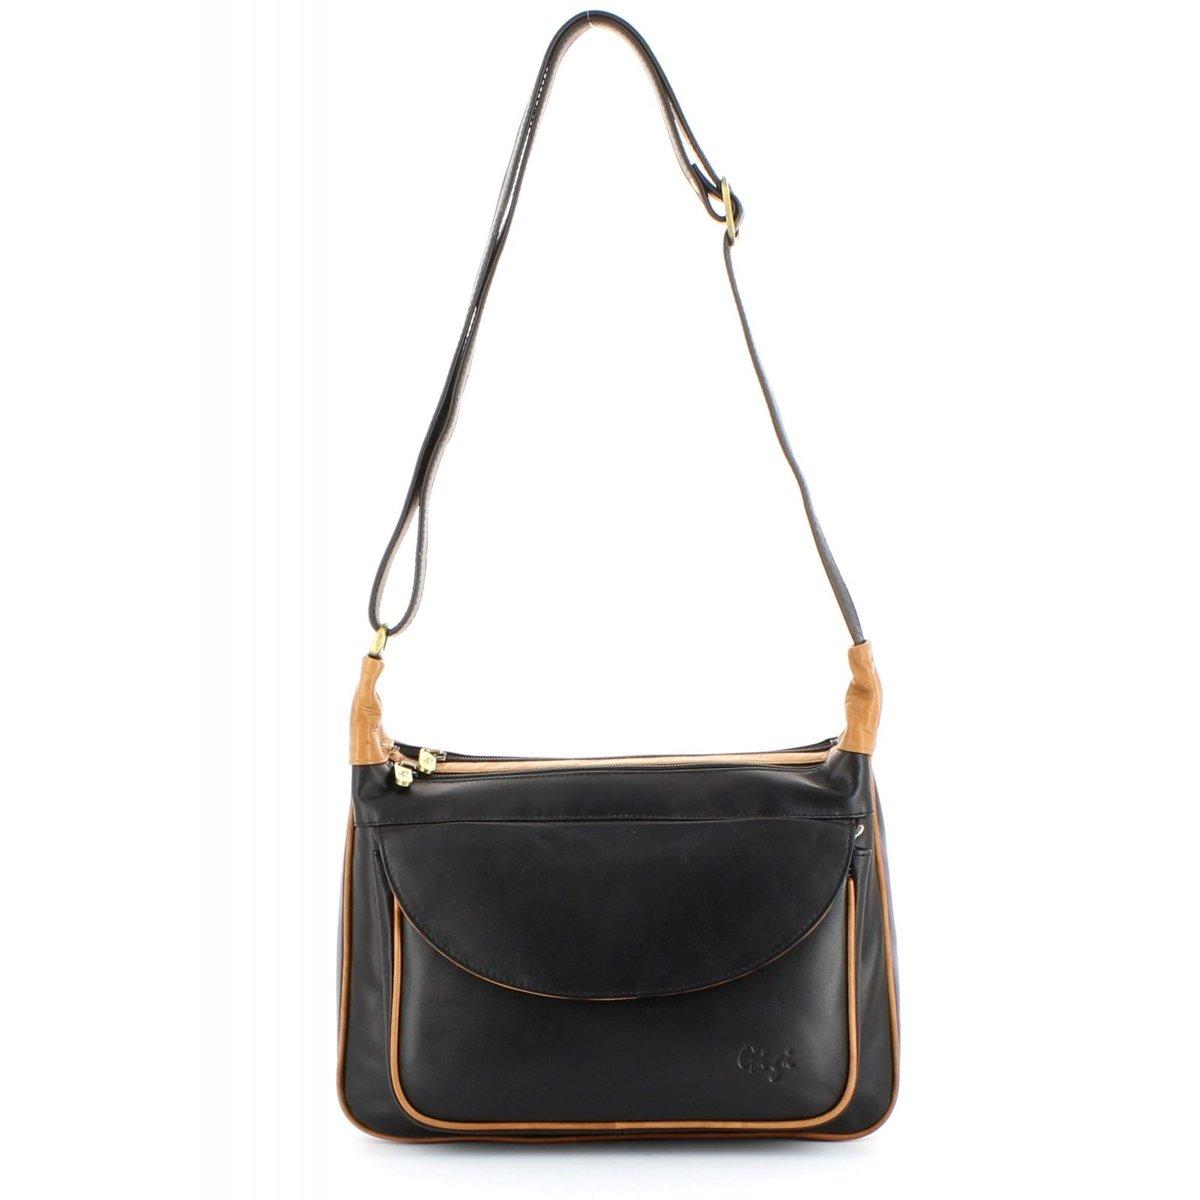 Gigi Handbag Black Honey 2217 31 Othtt22 17